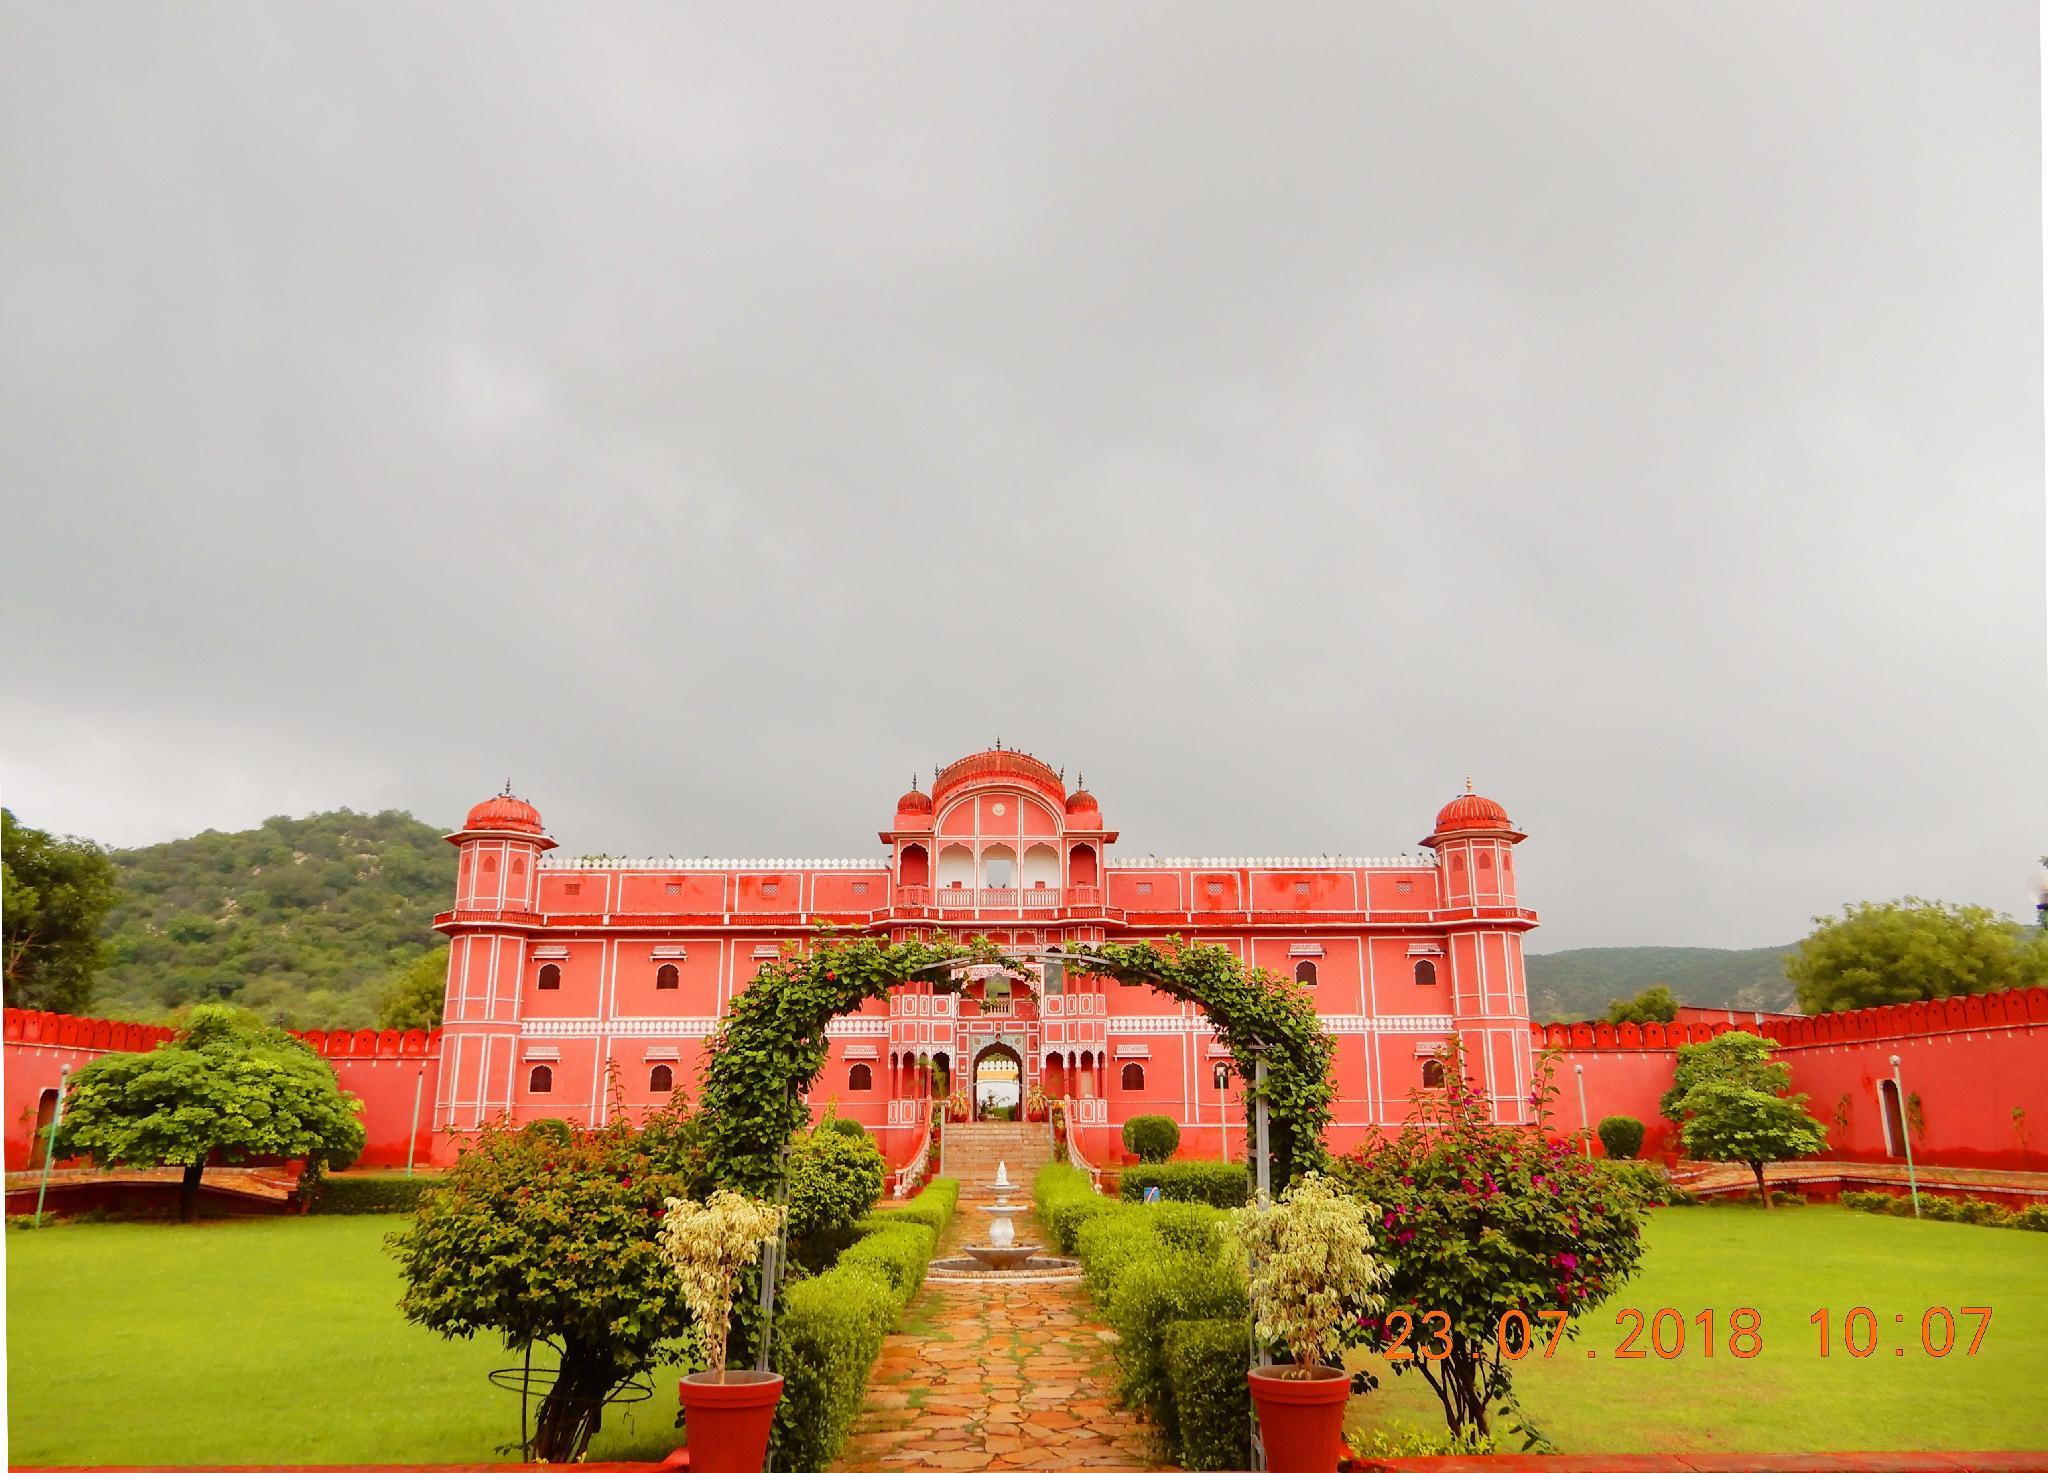 Maharaja Palace Samode